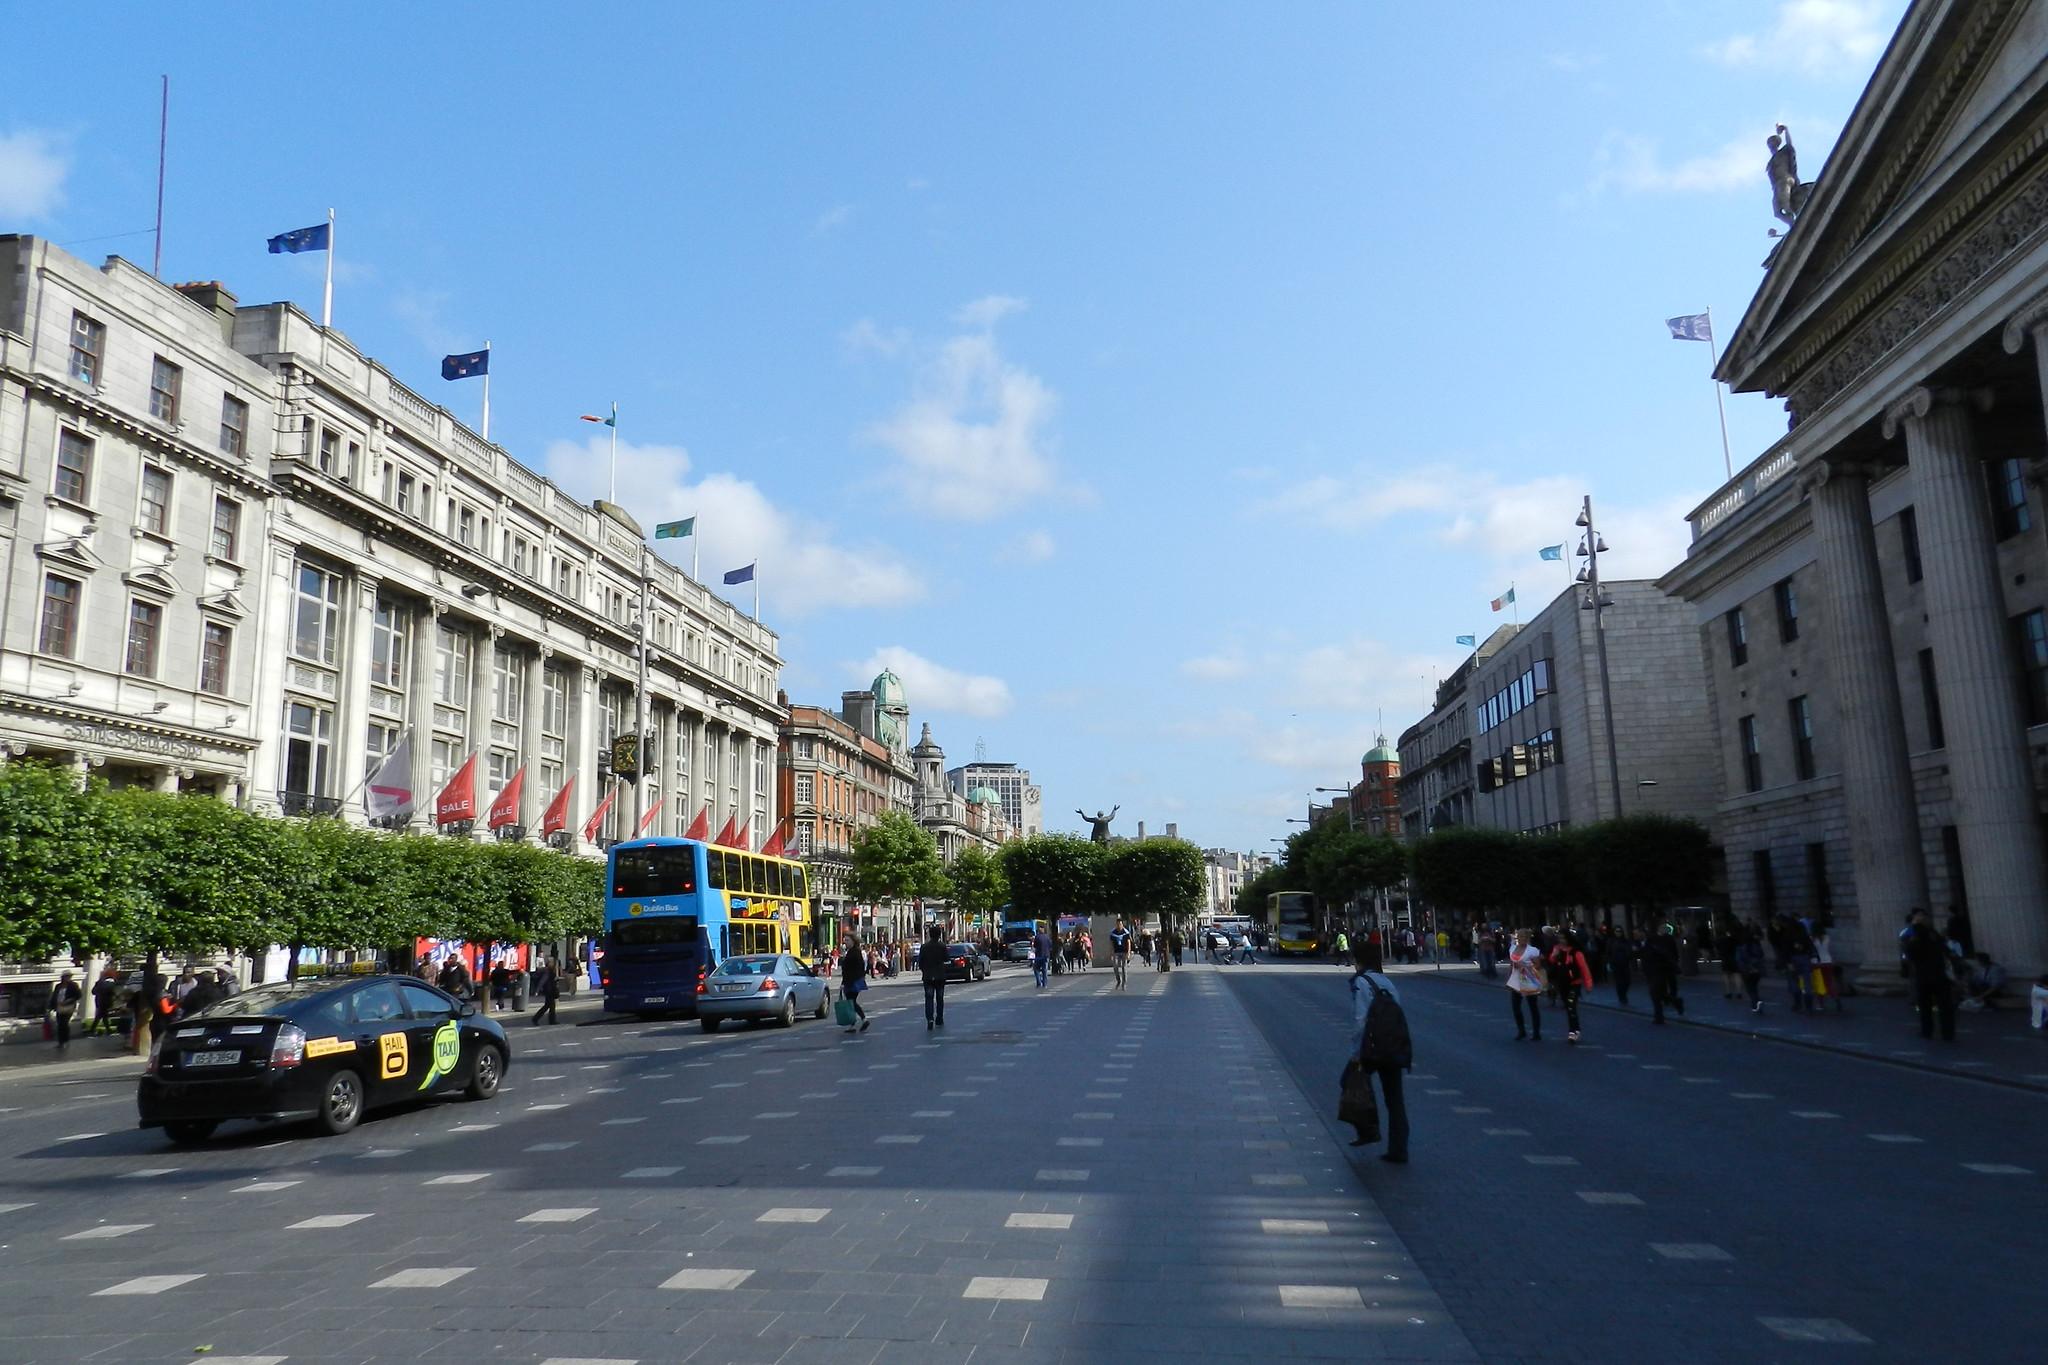 edificio Oficina General de Correos calle O'Connell Street Lower Dublin Republica de Irlanda